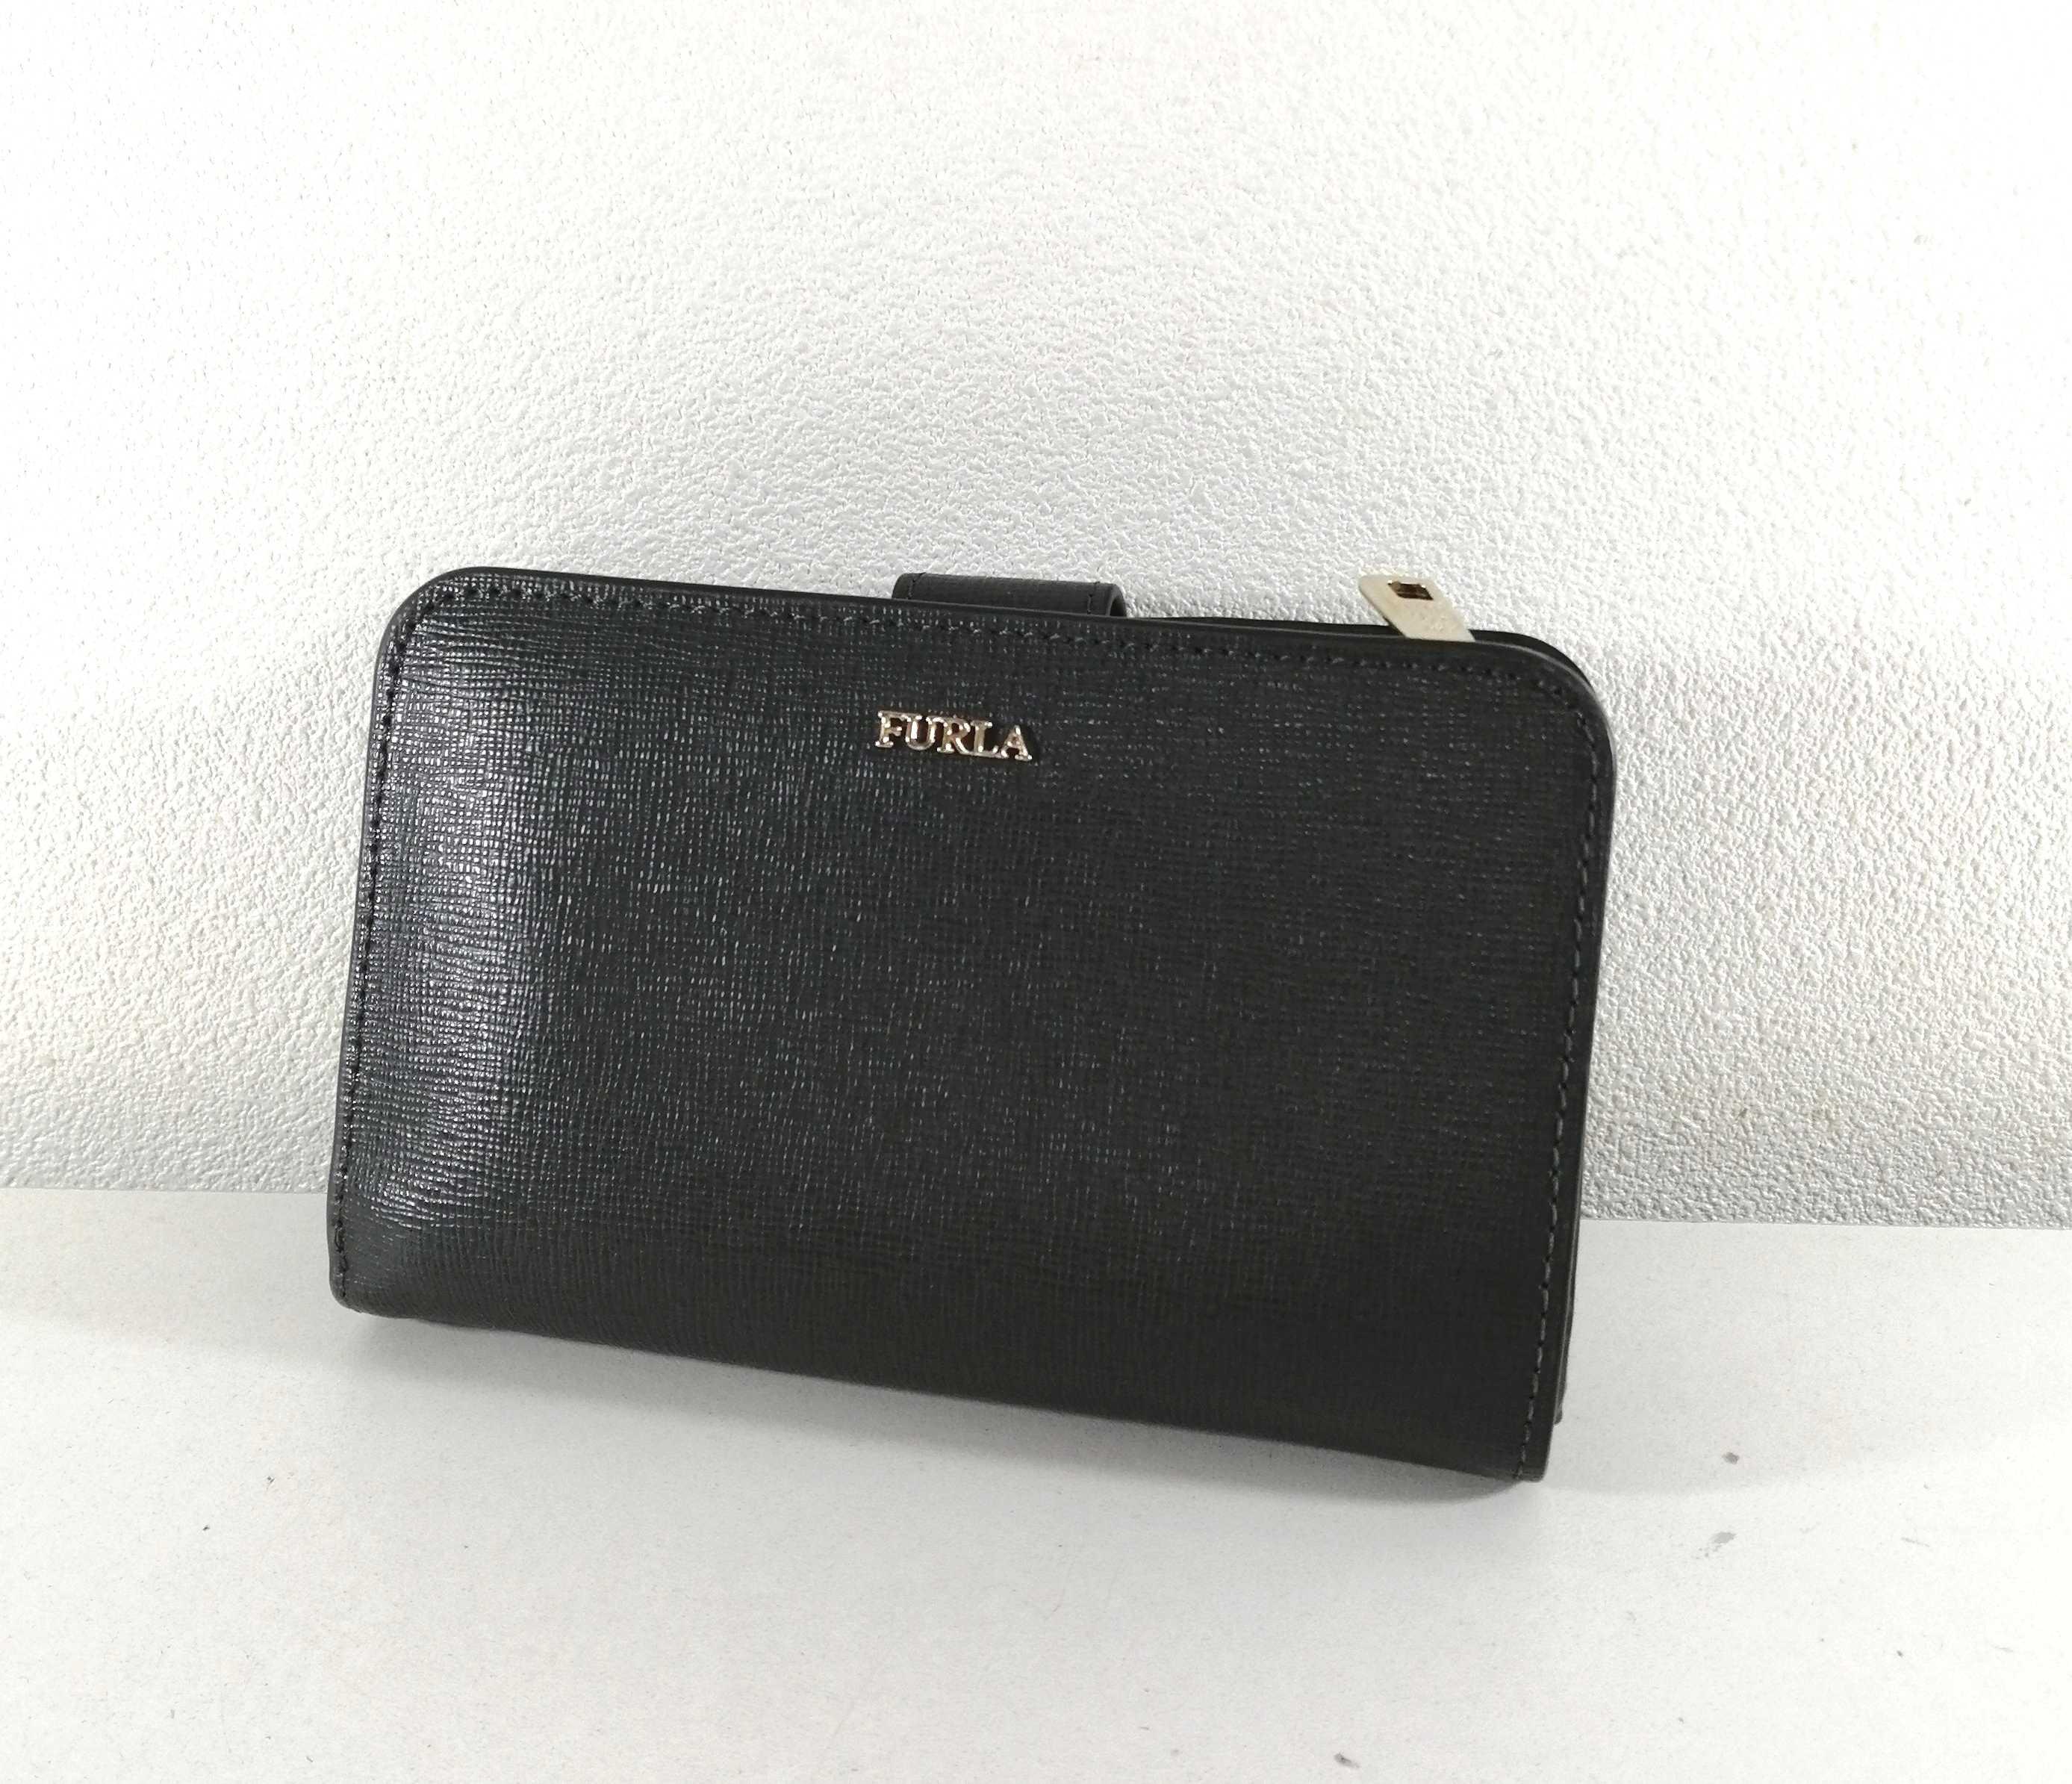 ロゴプレート付き二つ折り財布 フルラ|FURLA